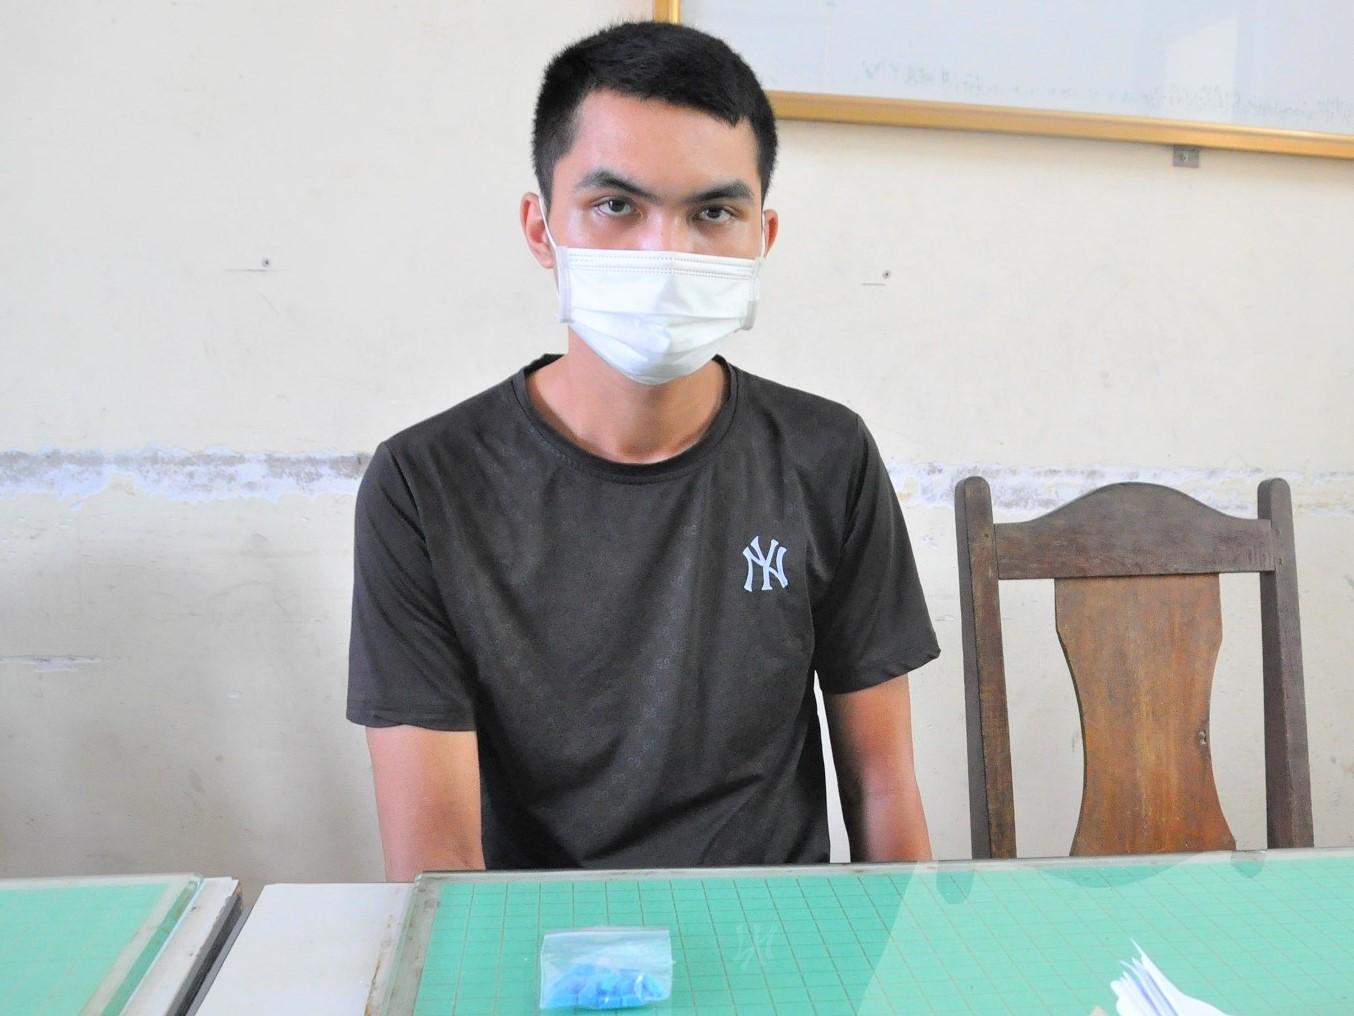 Bùi Quang Huy và số ma túy tang vật. Ảnh: Công an Hải Dương.